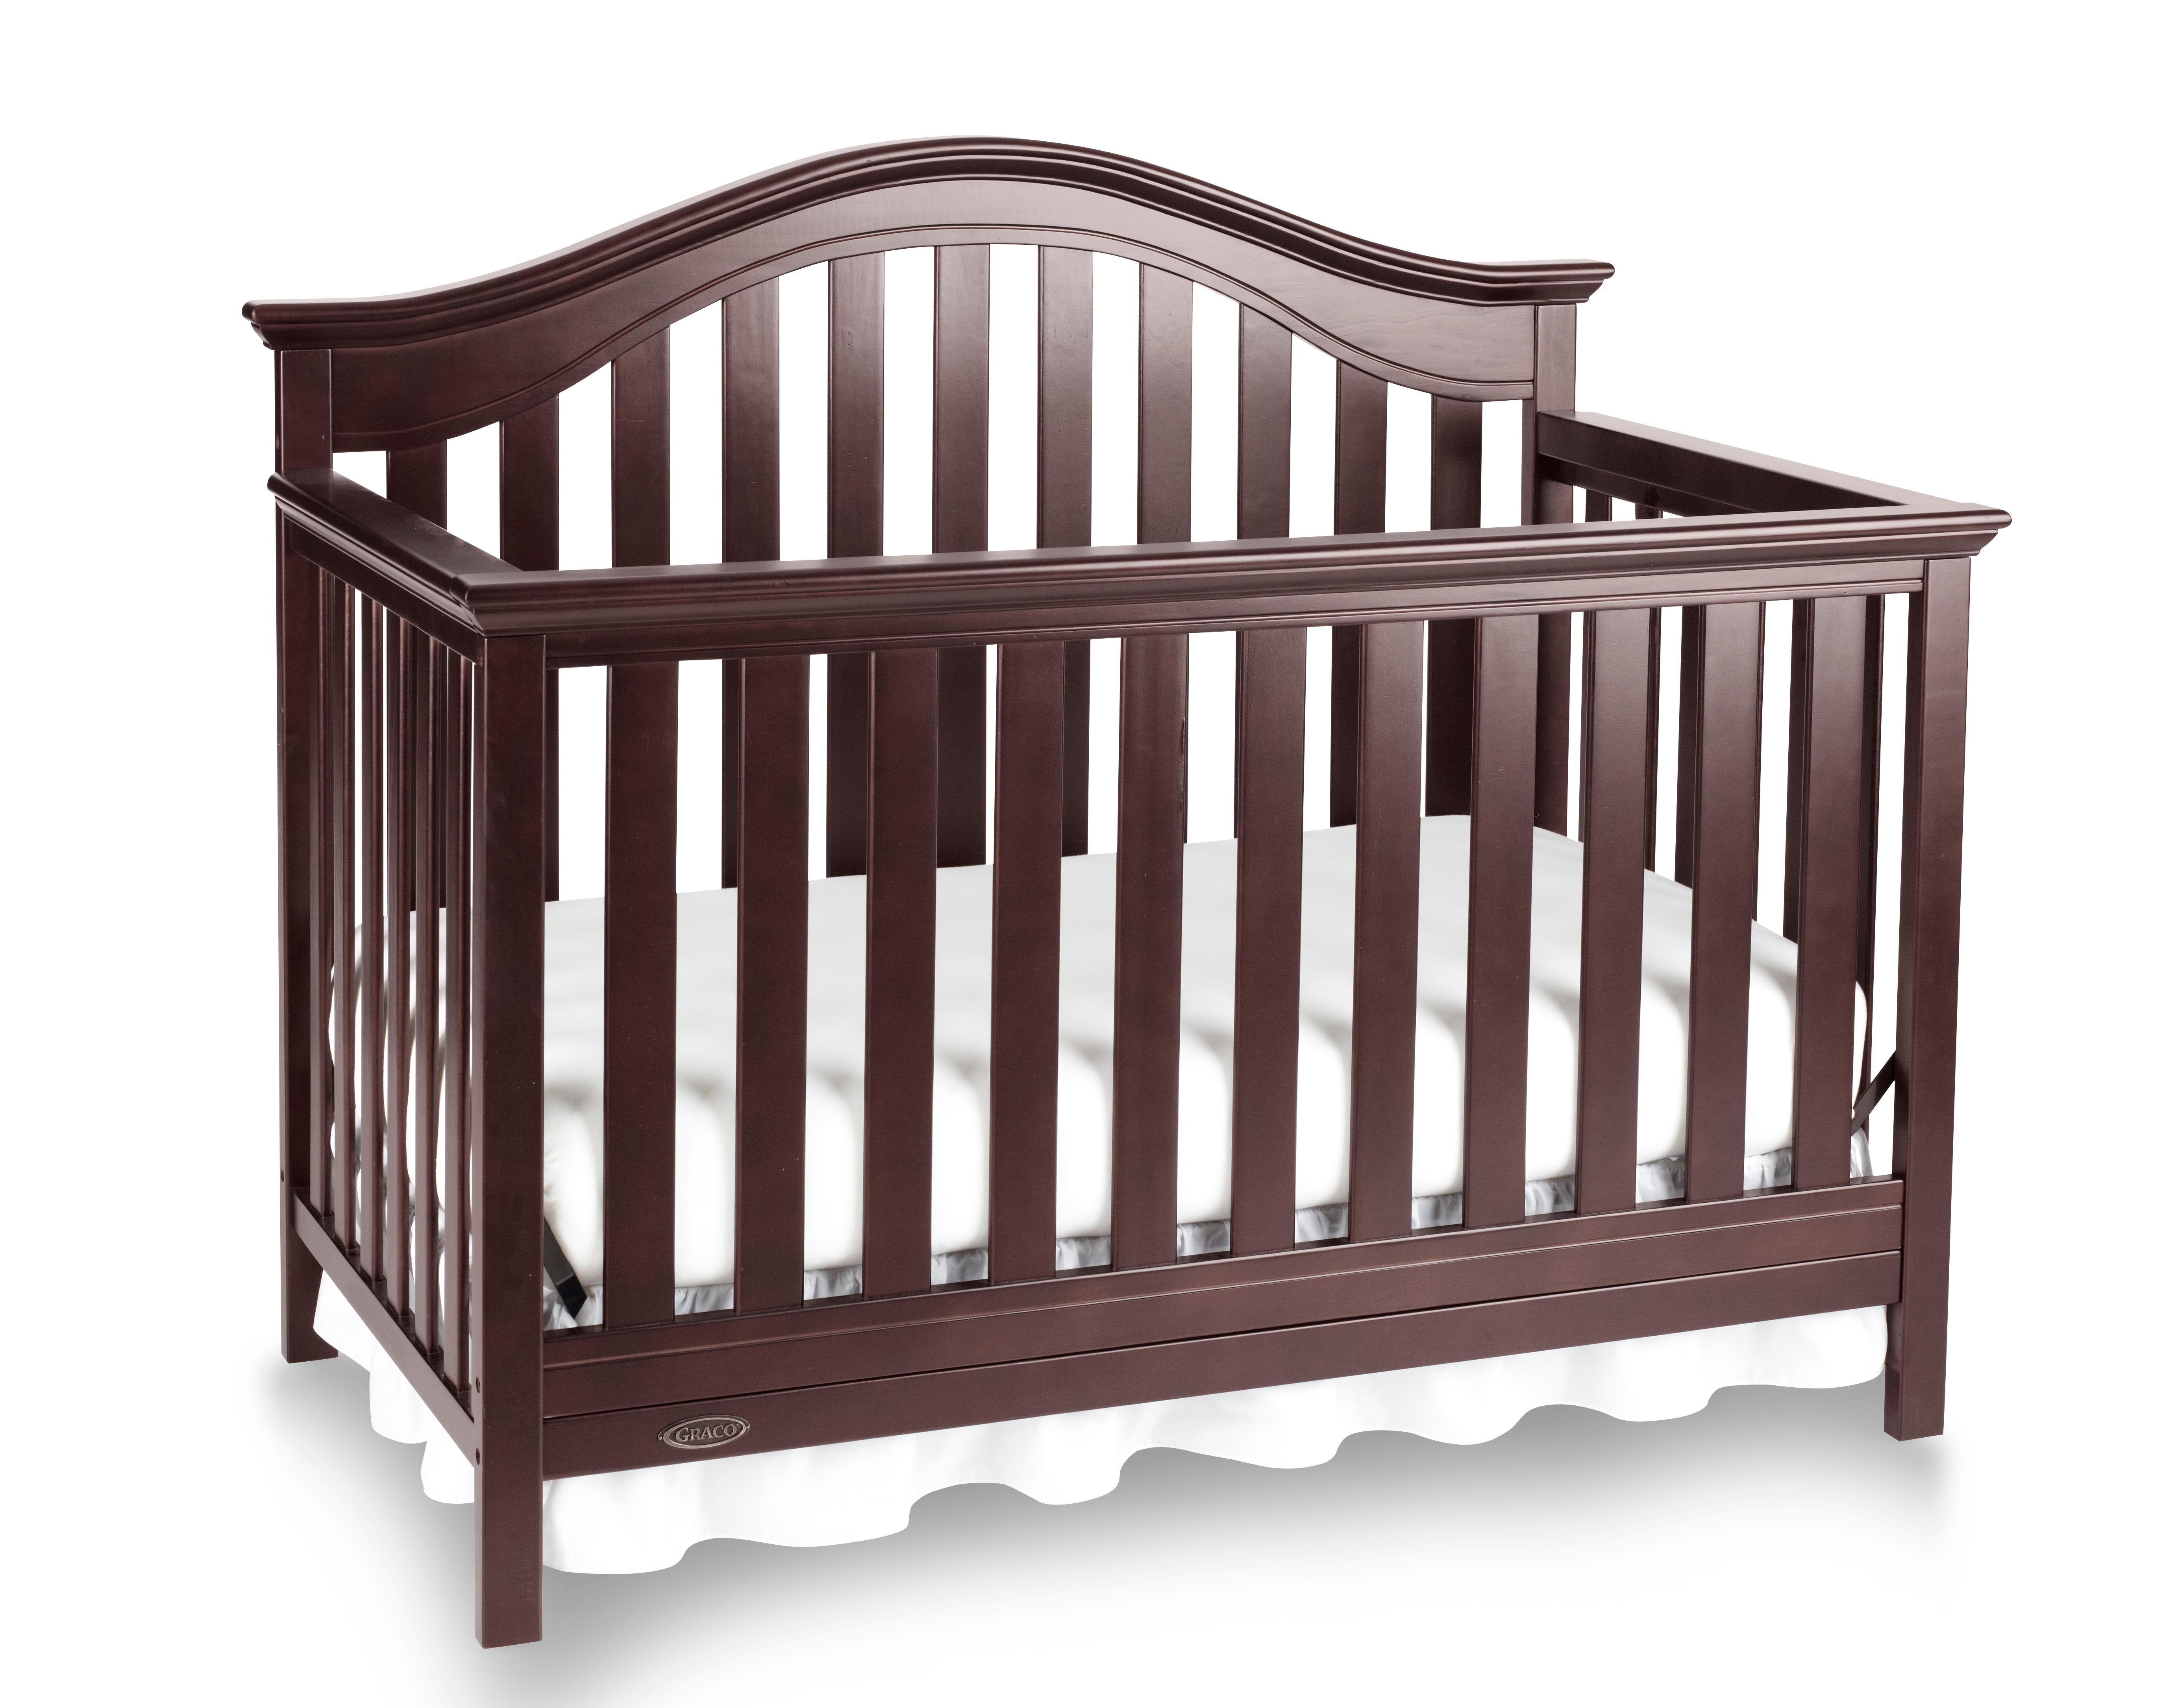 Amazon.com : Graco Bryson 4-in-1 Convertible Crib ...